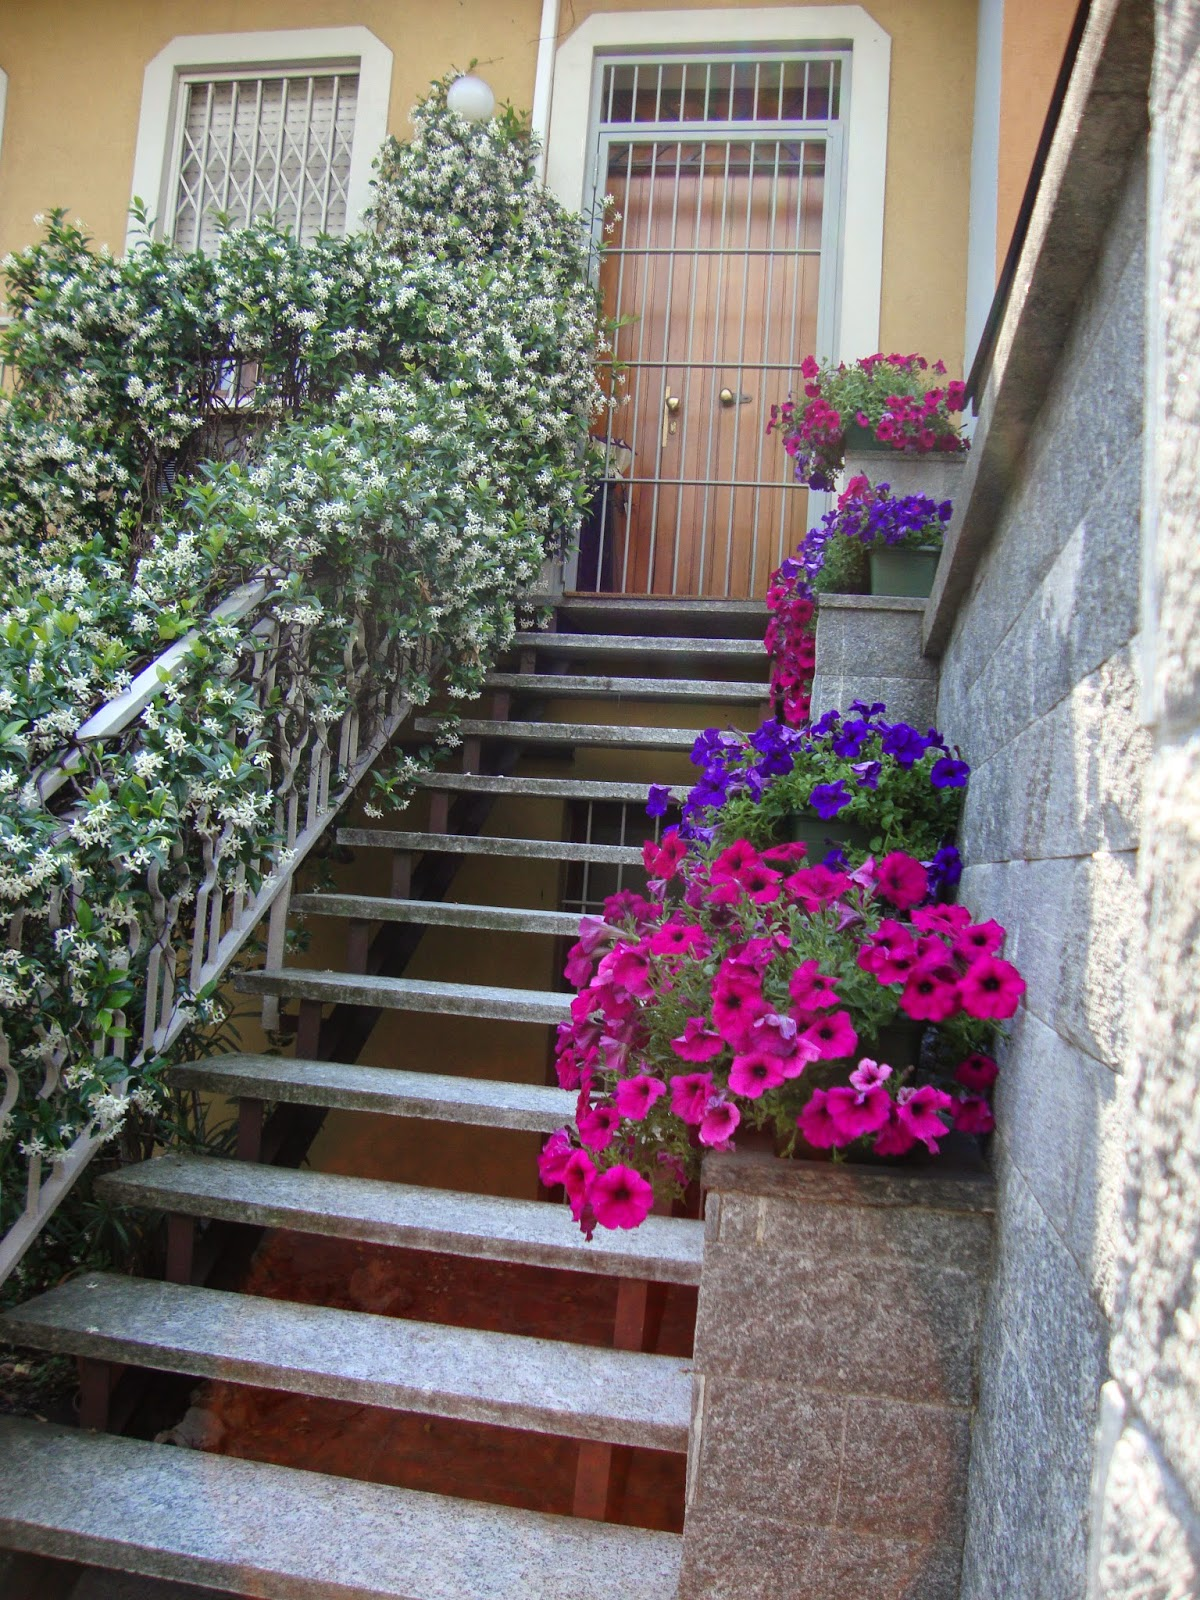 Un piccolo giardino in città: Fiori e piante sulle scale di città